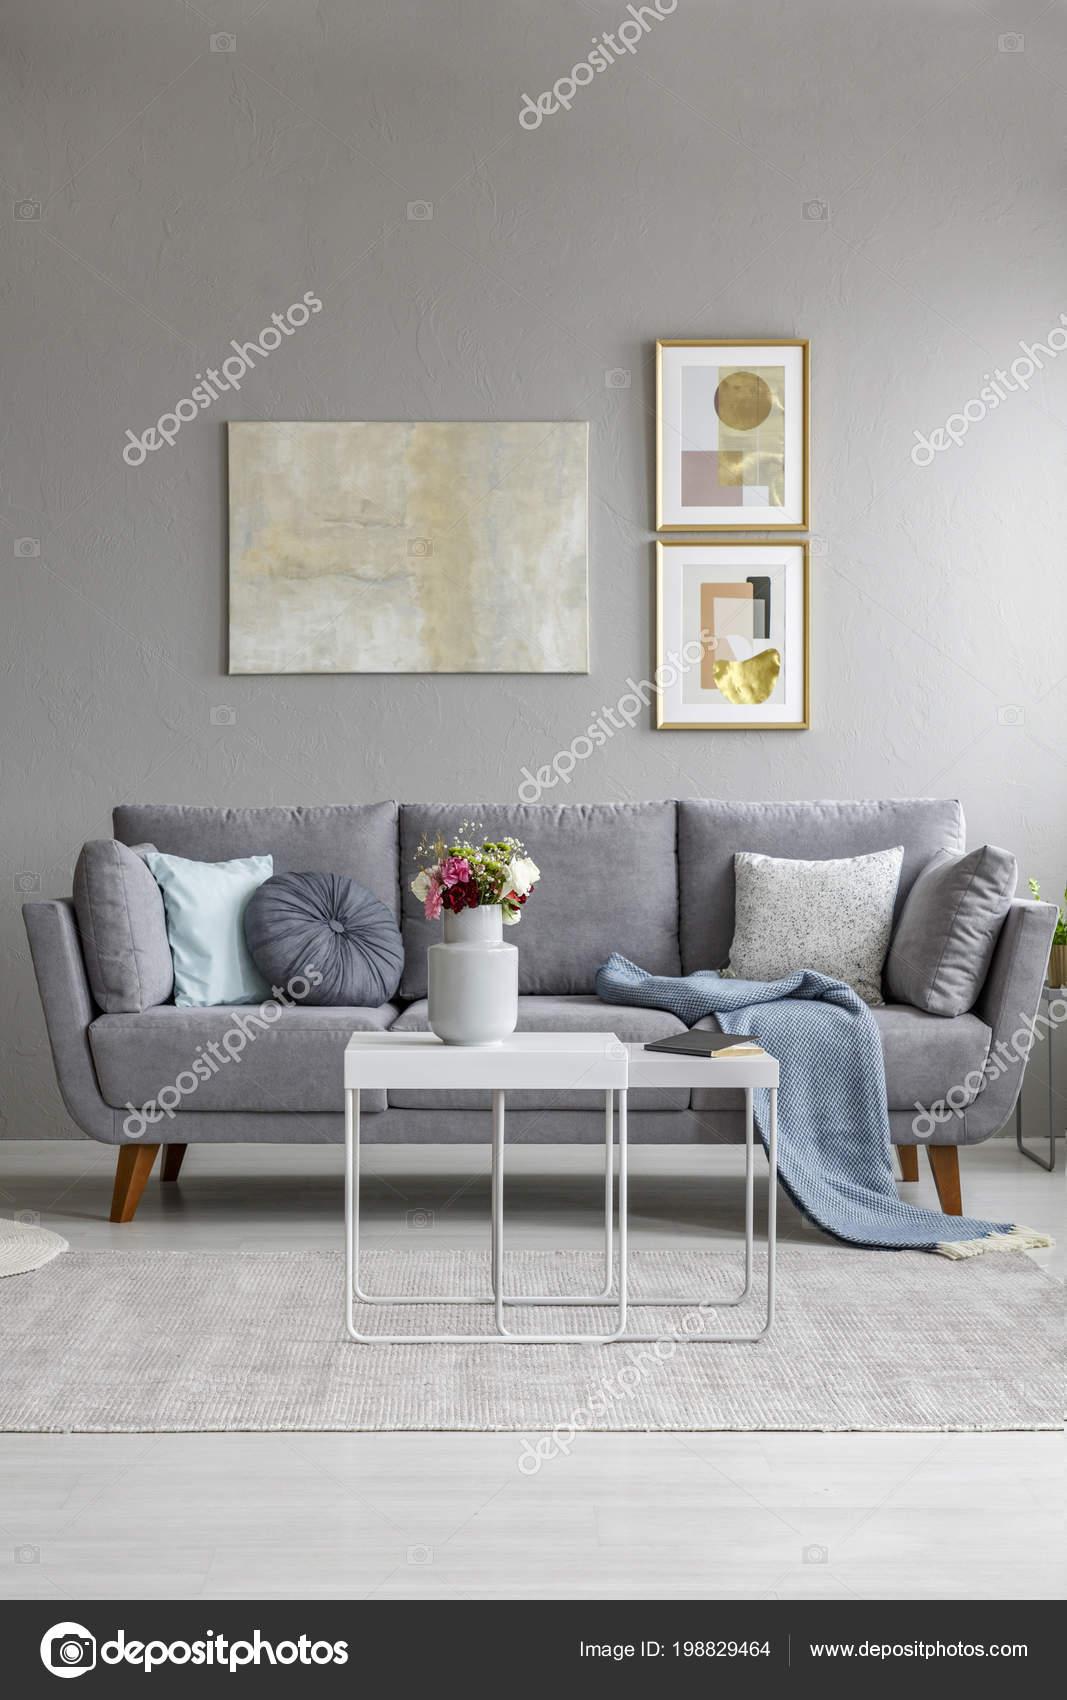 Blumen tisch vor graue couch wohnzimmer interieur mit - Graue couch wohnzimmer ...